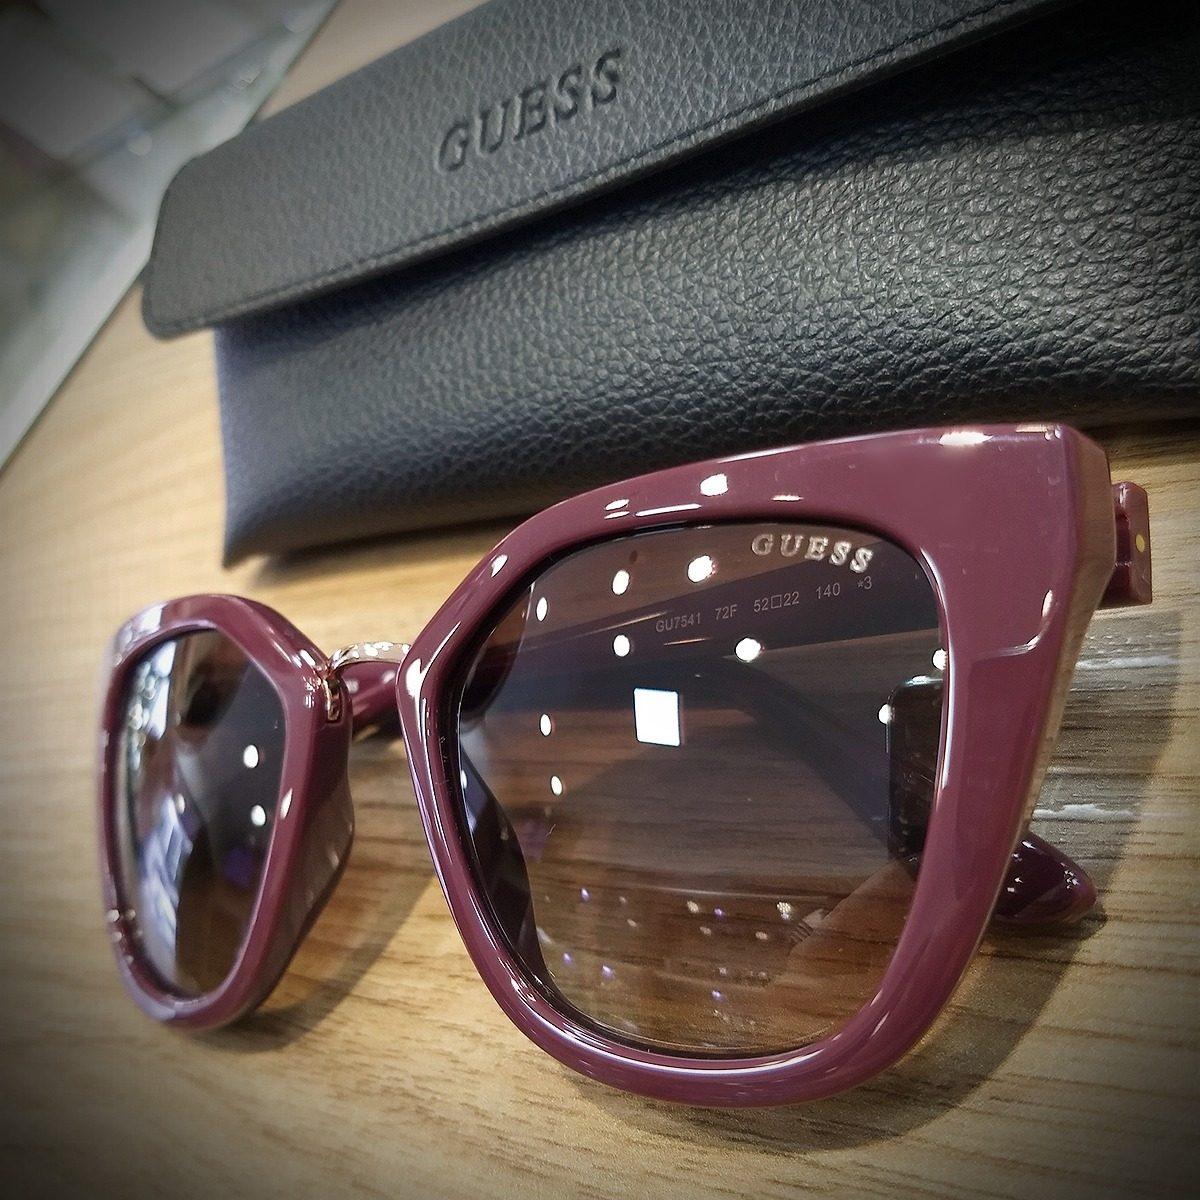 oculos de sol guess gu7541 original com nf. Carregando zoom... oculos sol  guess. Carregando zoom. e40f7852d5